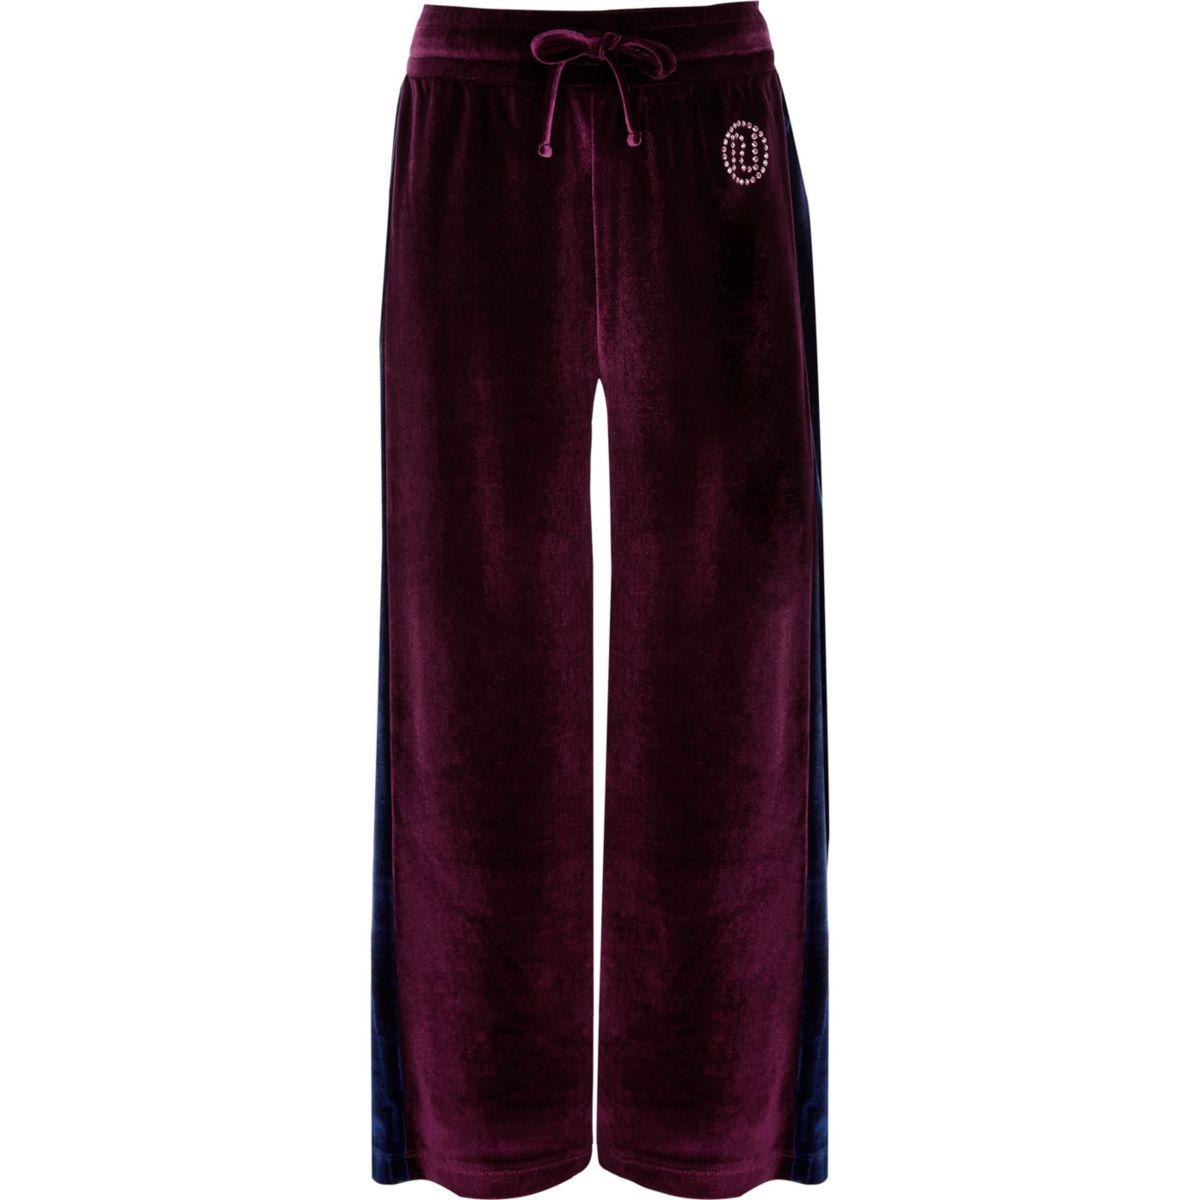 Girls purple velour side stripe pants